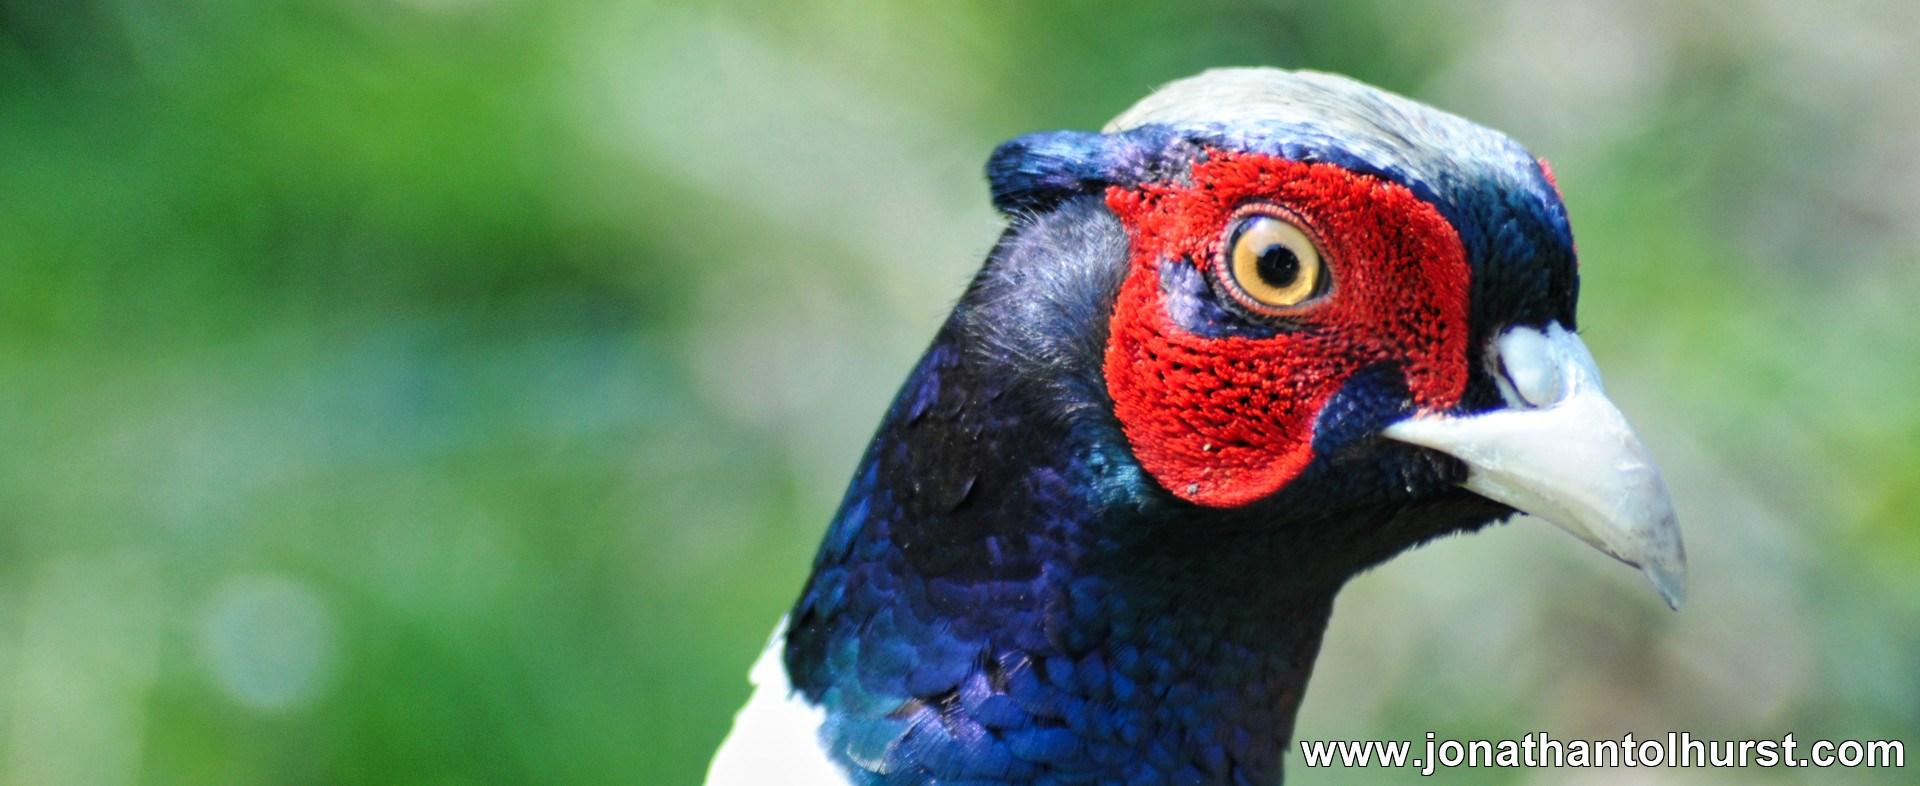 Pheasant Dorset Jonathan Tolhurst Photography